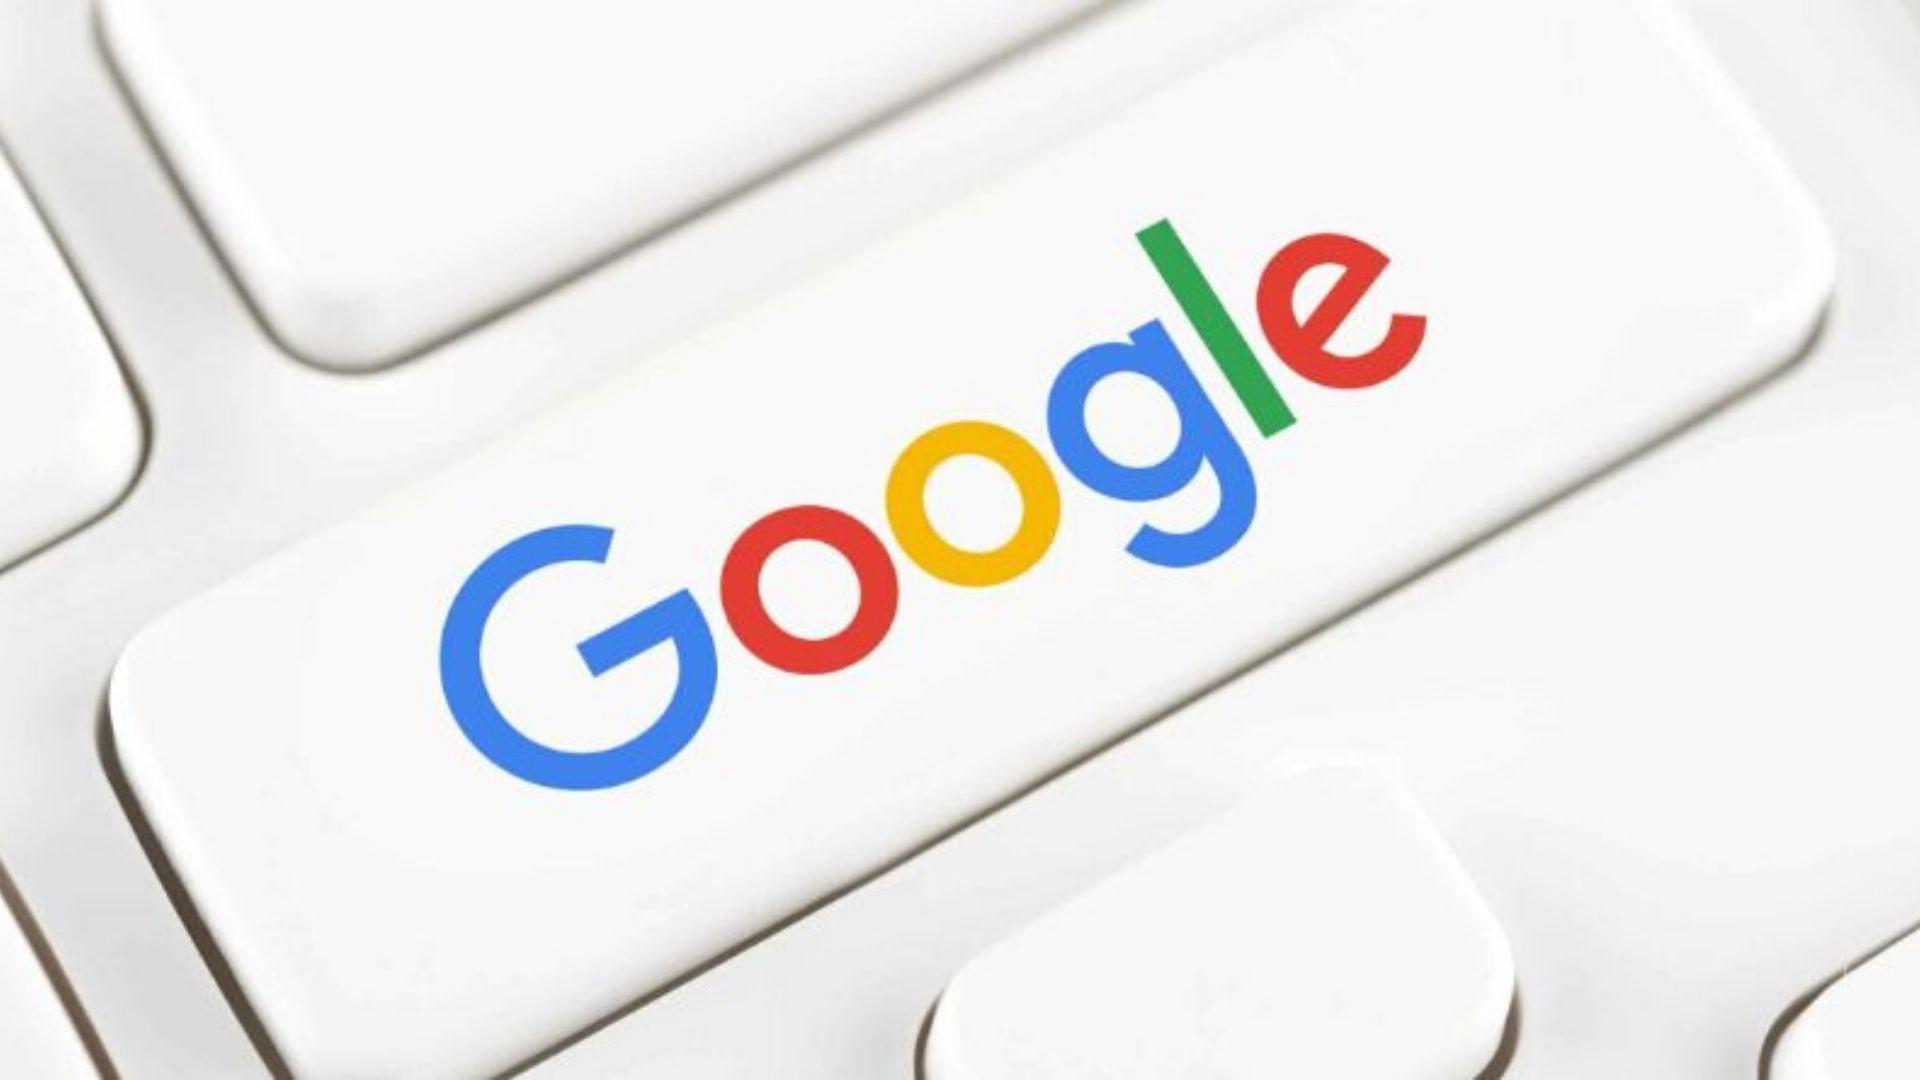 Qué fue lo que más buscaron los argentinos en Google durante 2020 |